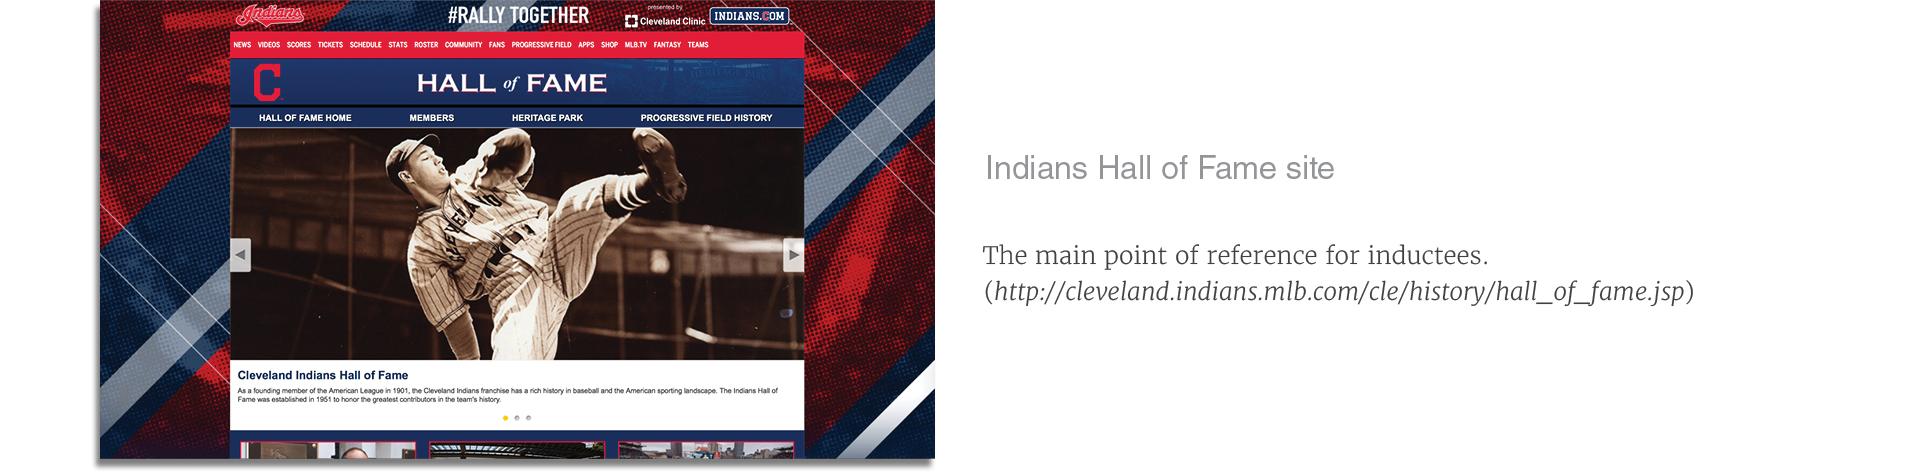 Indians HOF site.jpg